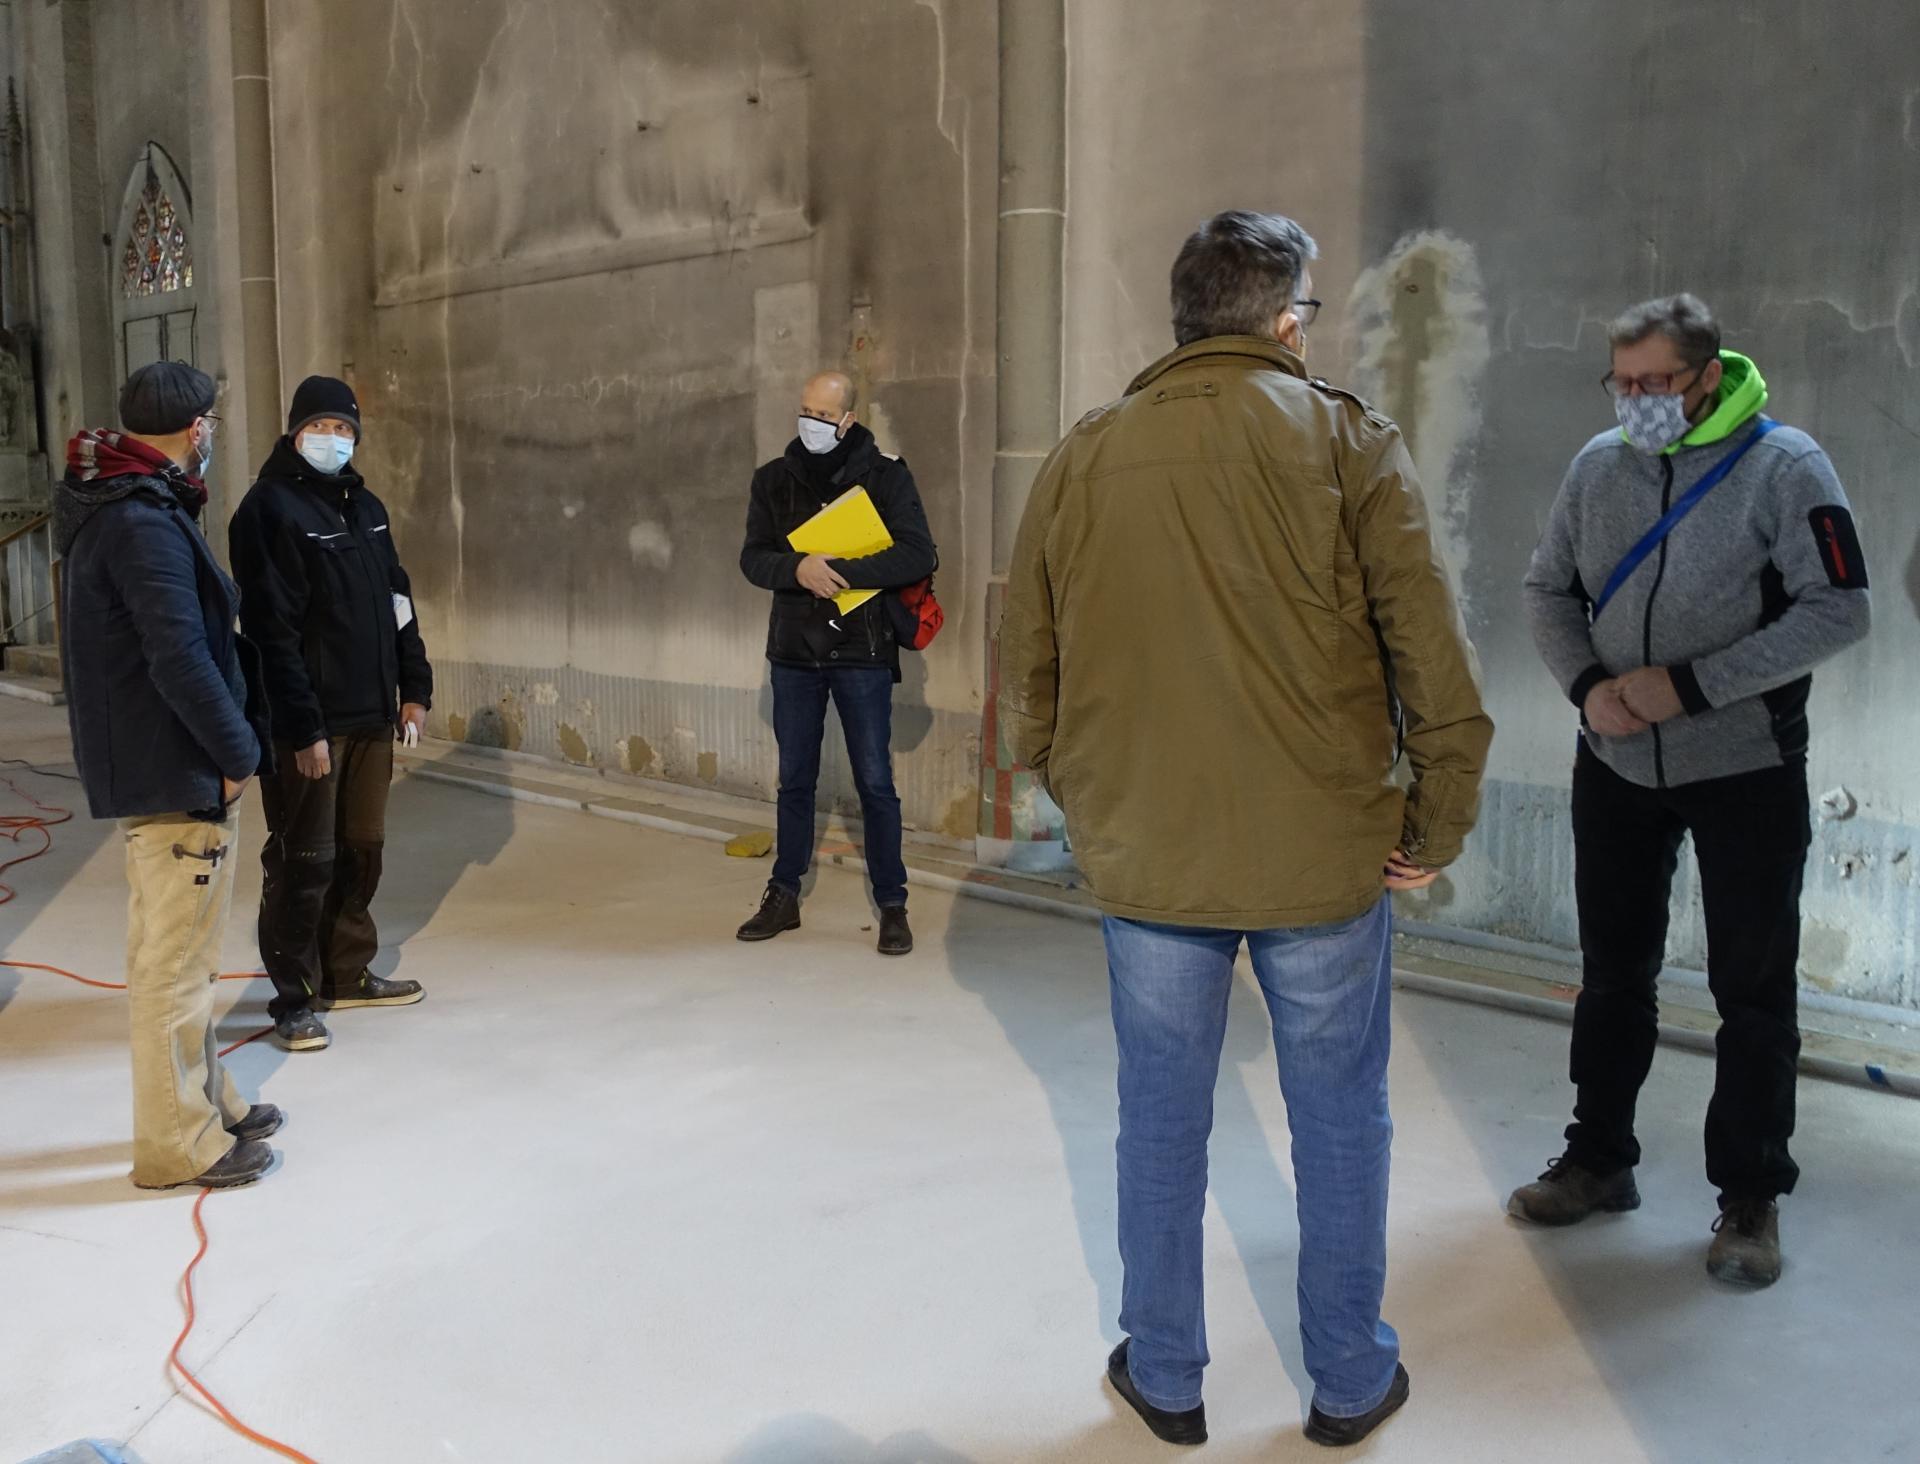 Bild 175 Ortstermin mit Matthias Fix, Bernd Alberding, Dirk Alberding, Jörg König (Tischlermeister) und Frank Wagner (ABK)